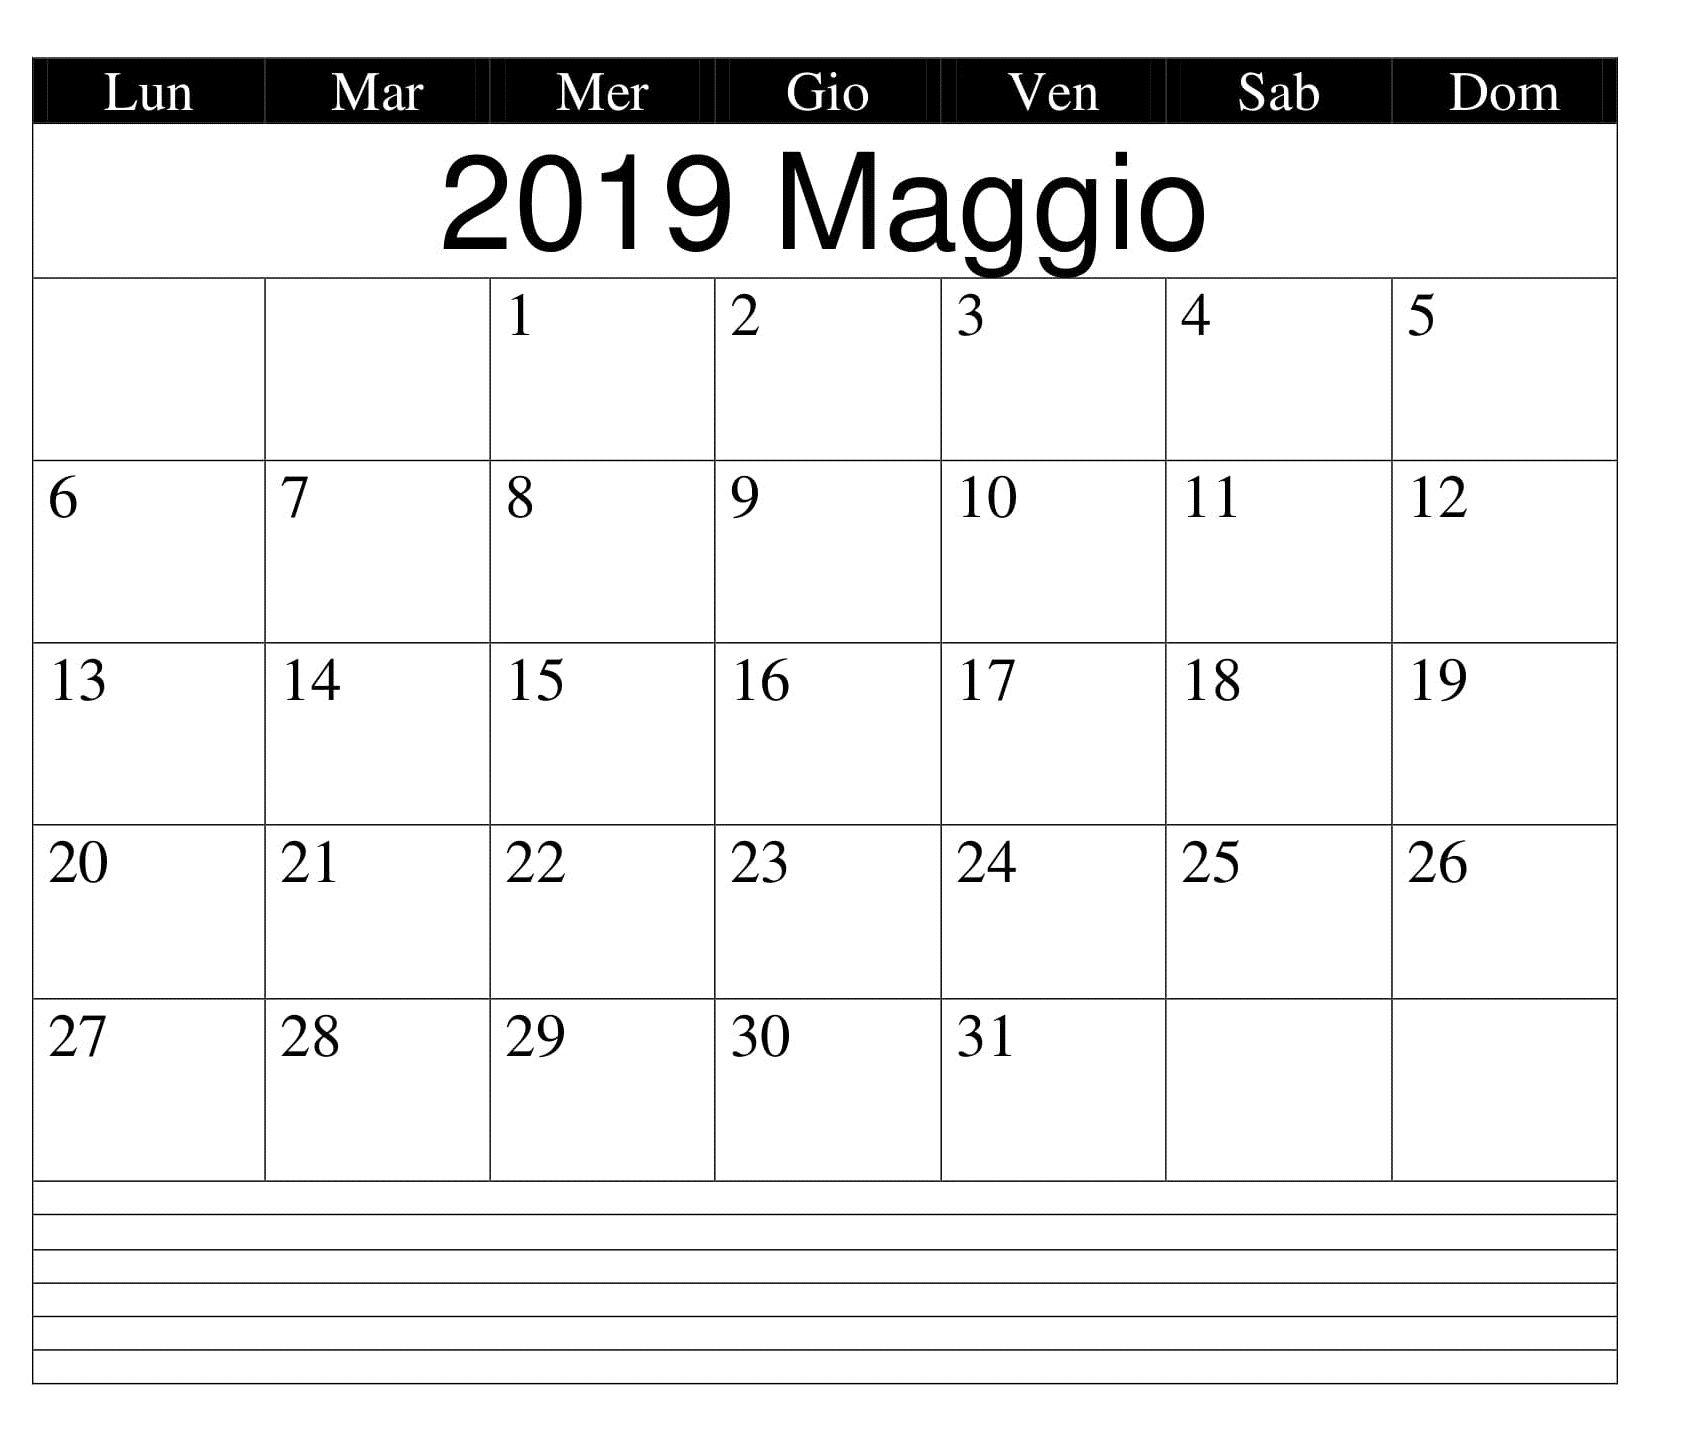 Calendario Word 2019.Maggio Word 2019 Calendario Calendario Maggio 2019 Da Stampare